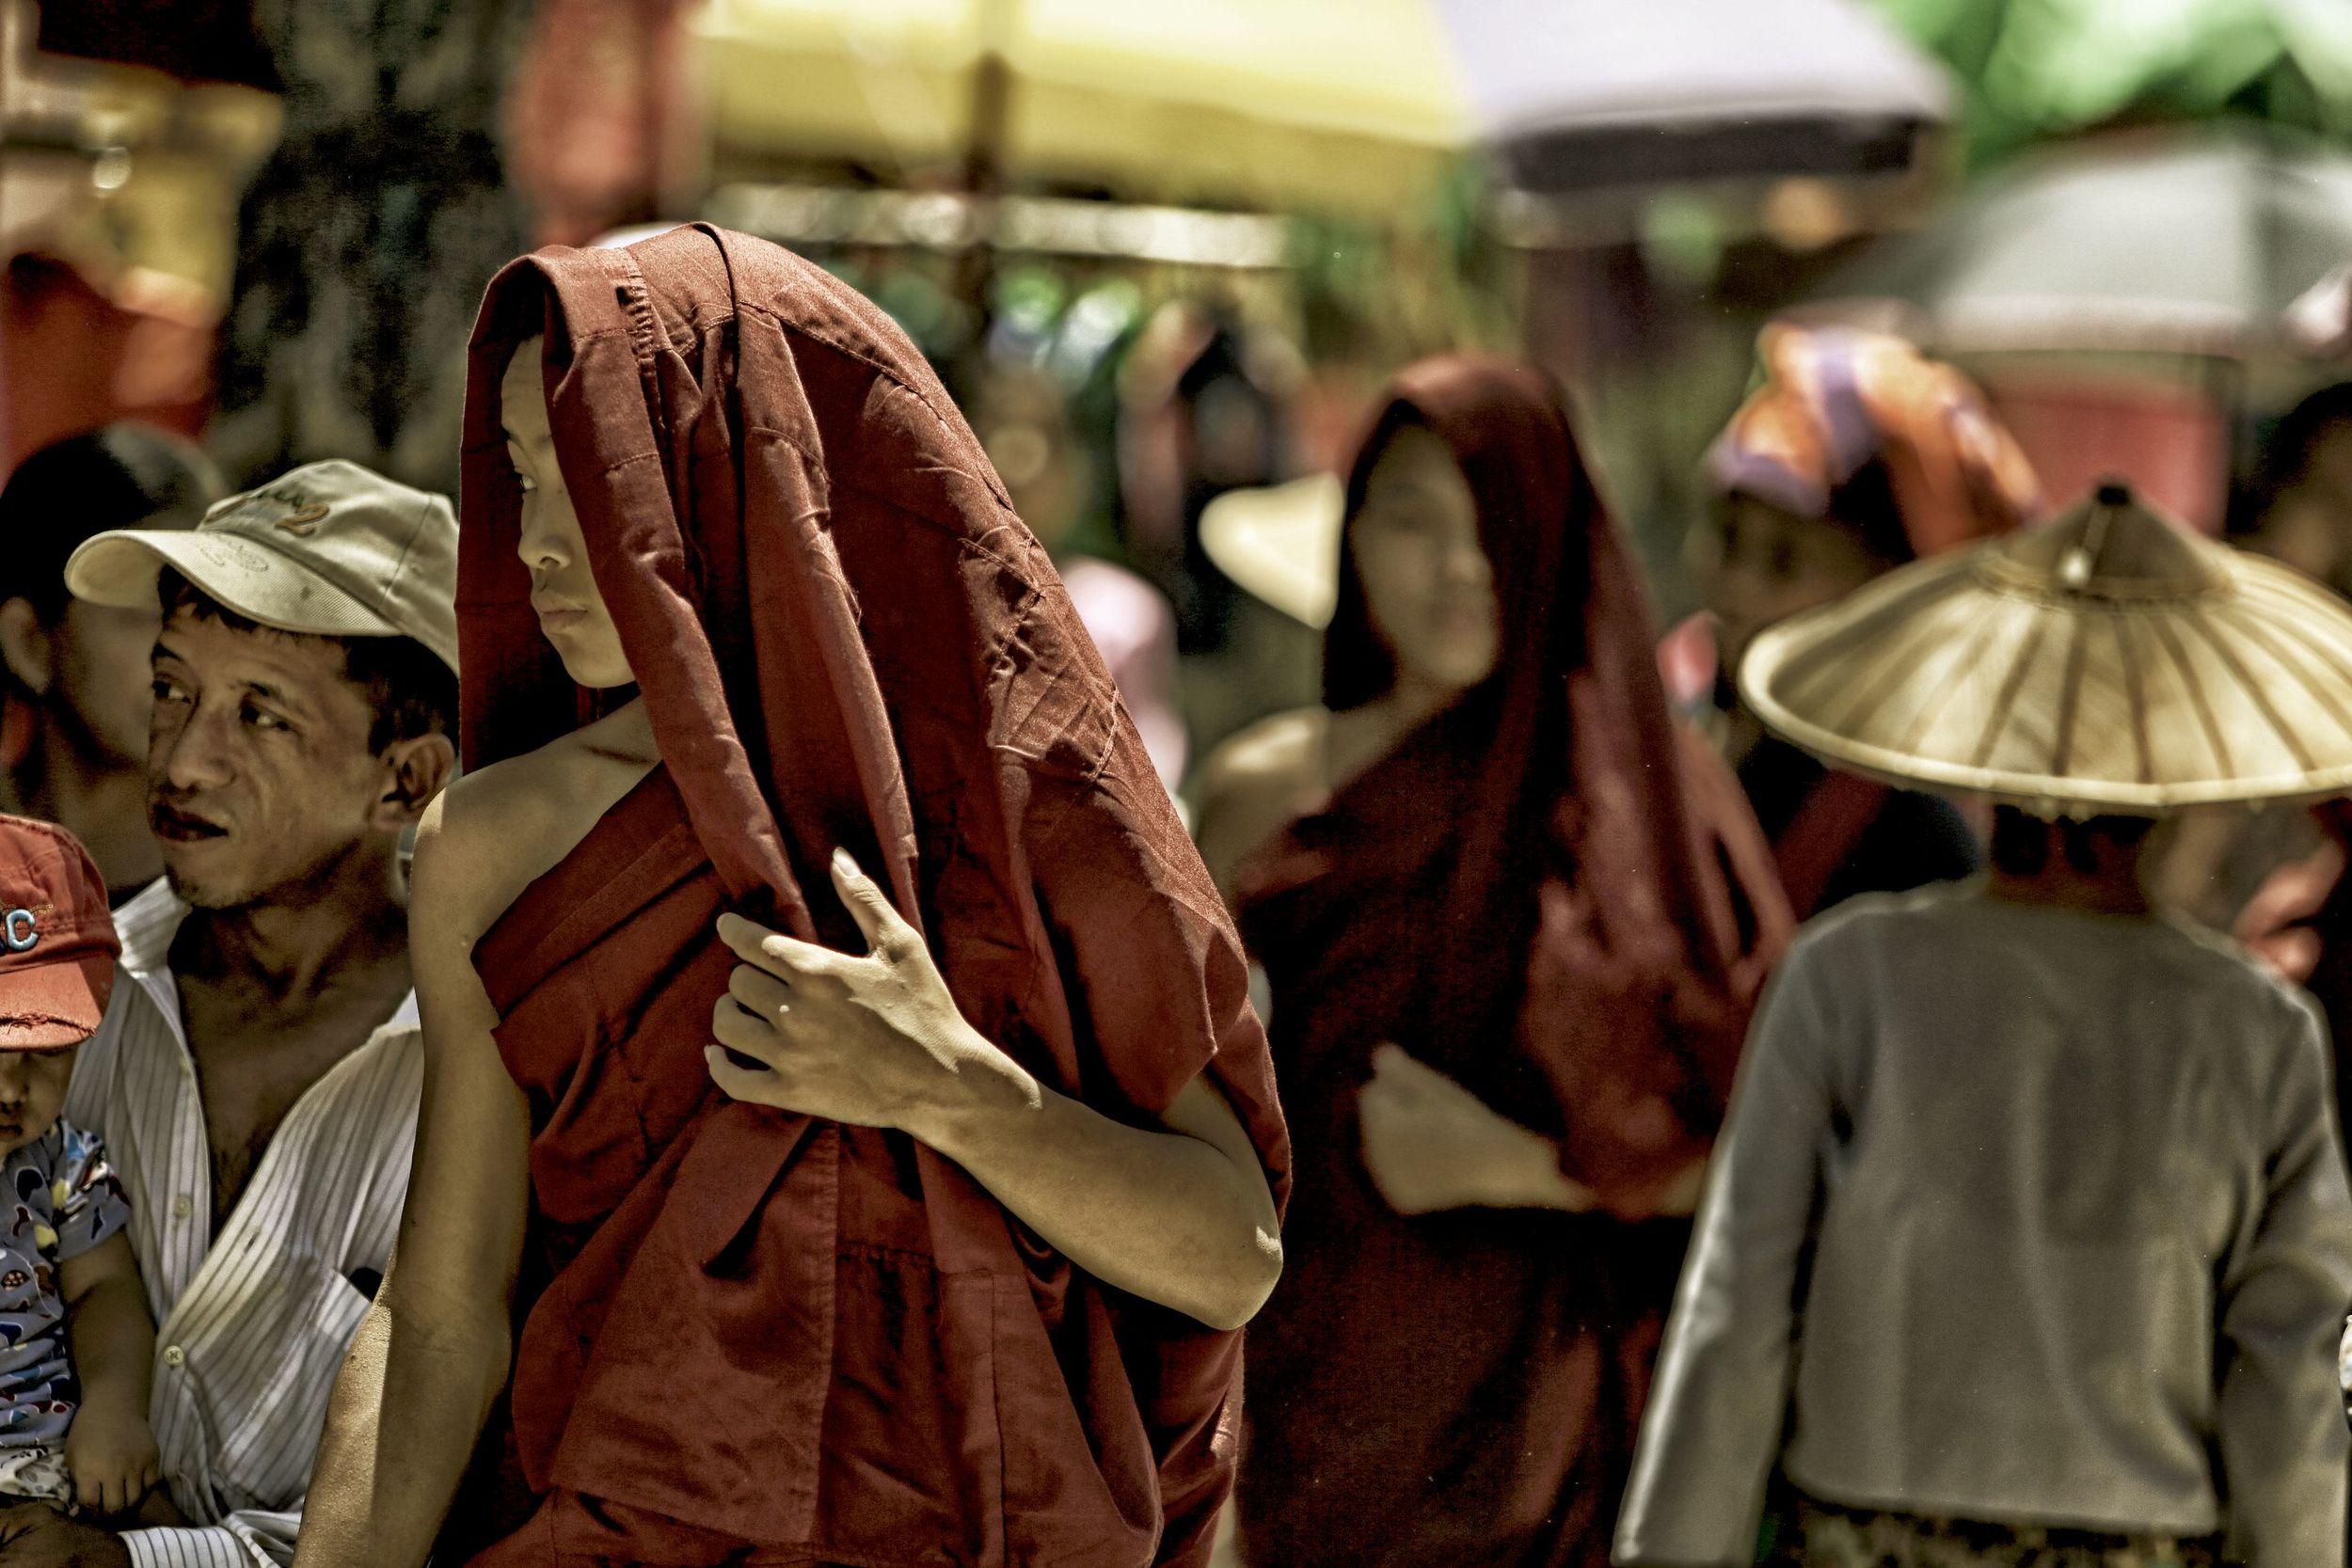 Monk at Market 1.JPG